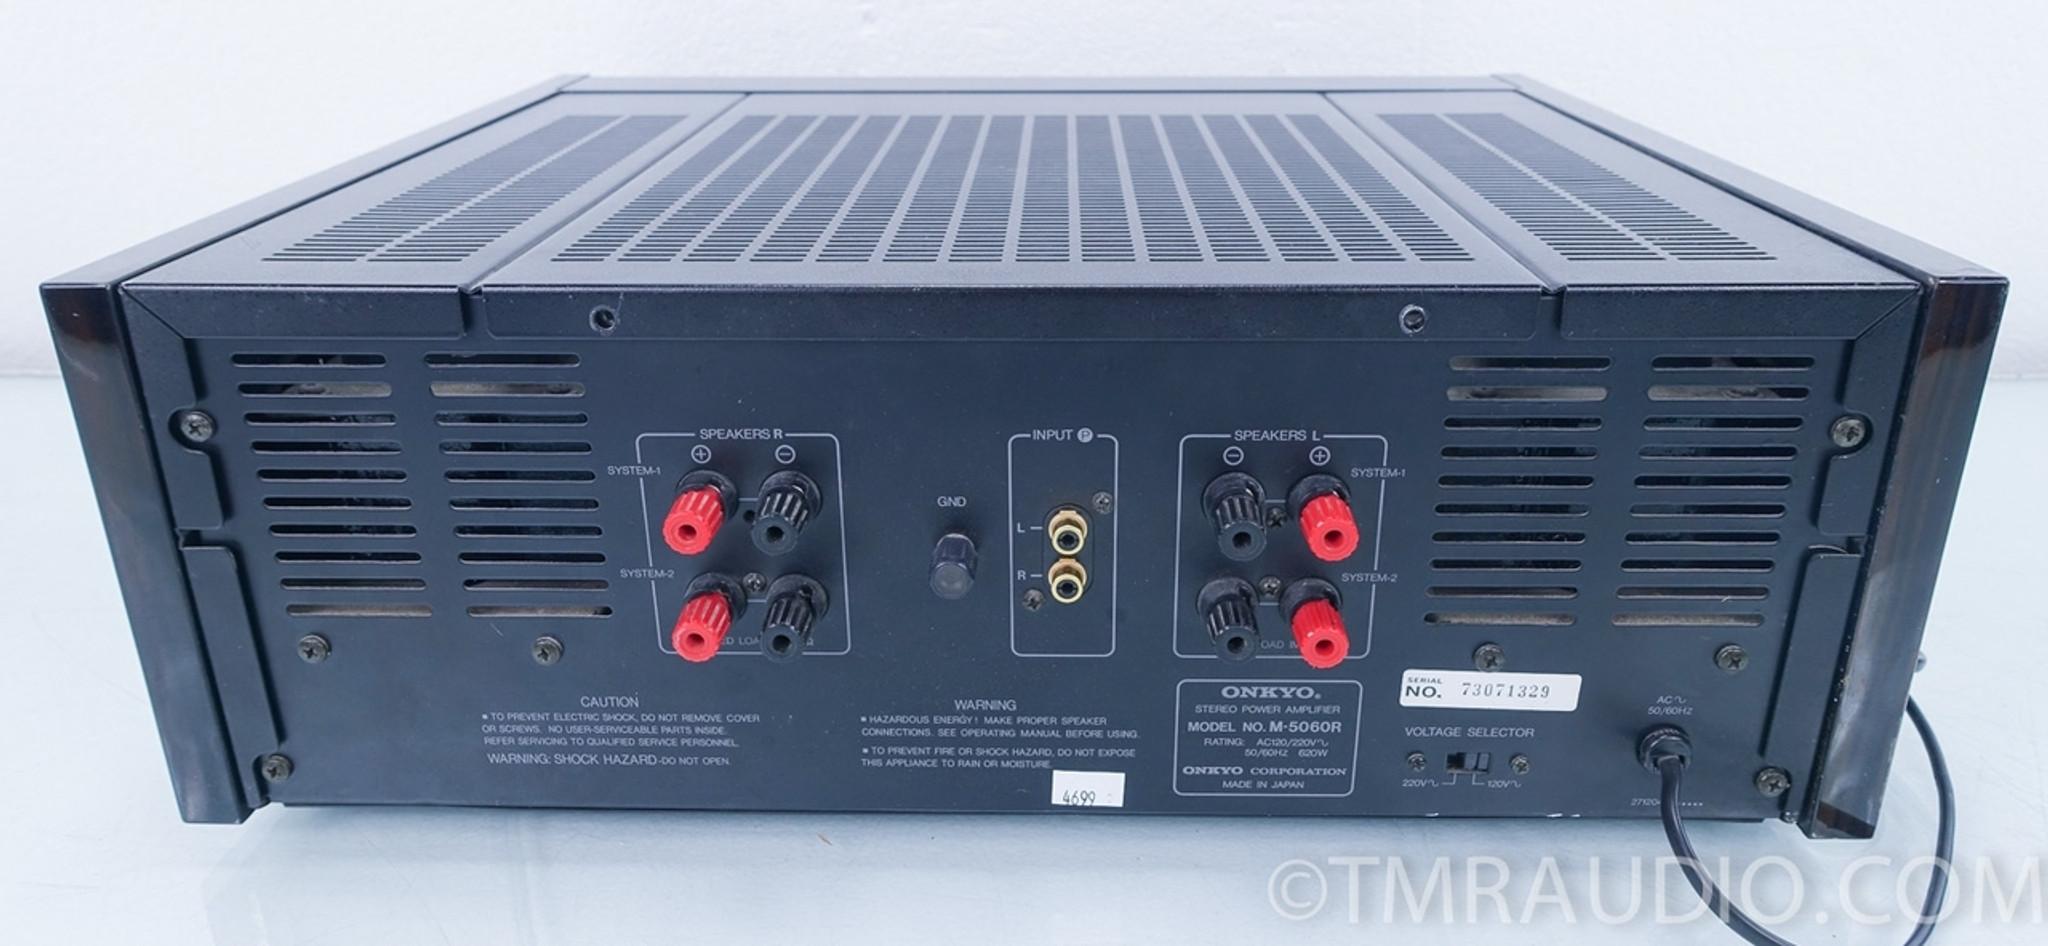 Onkyo M-5060R Power Amplifier